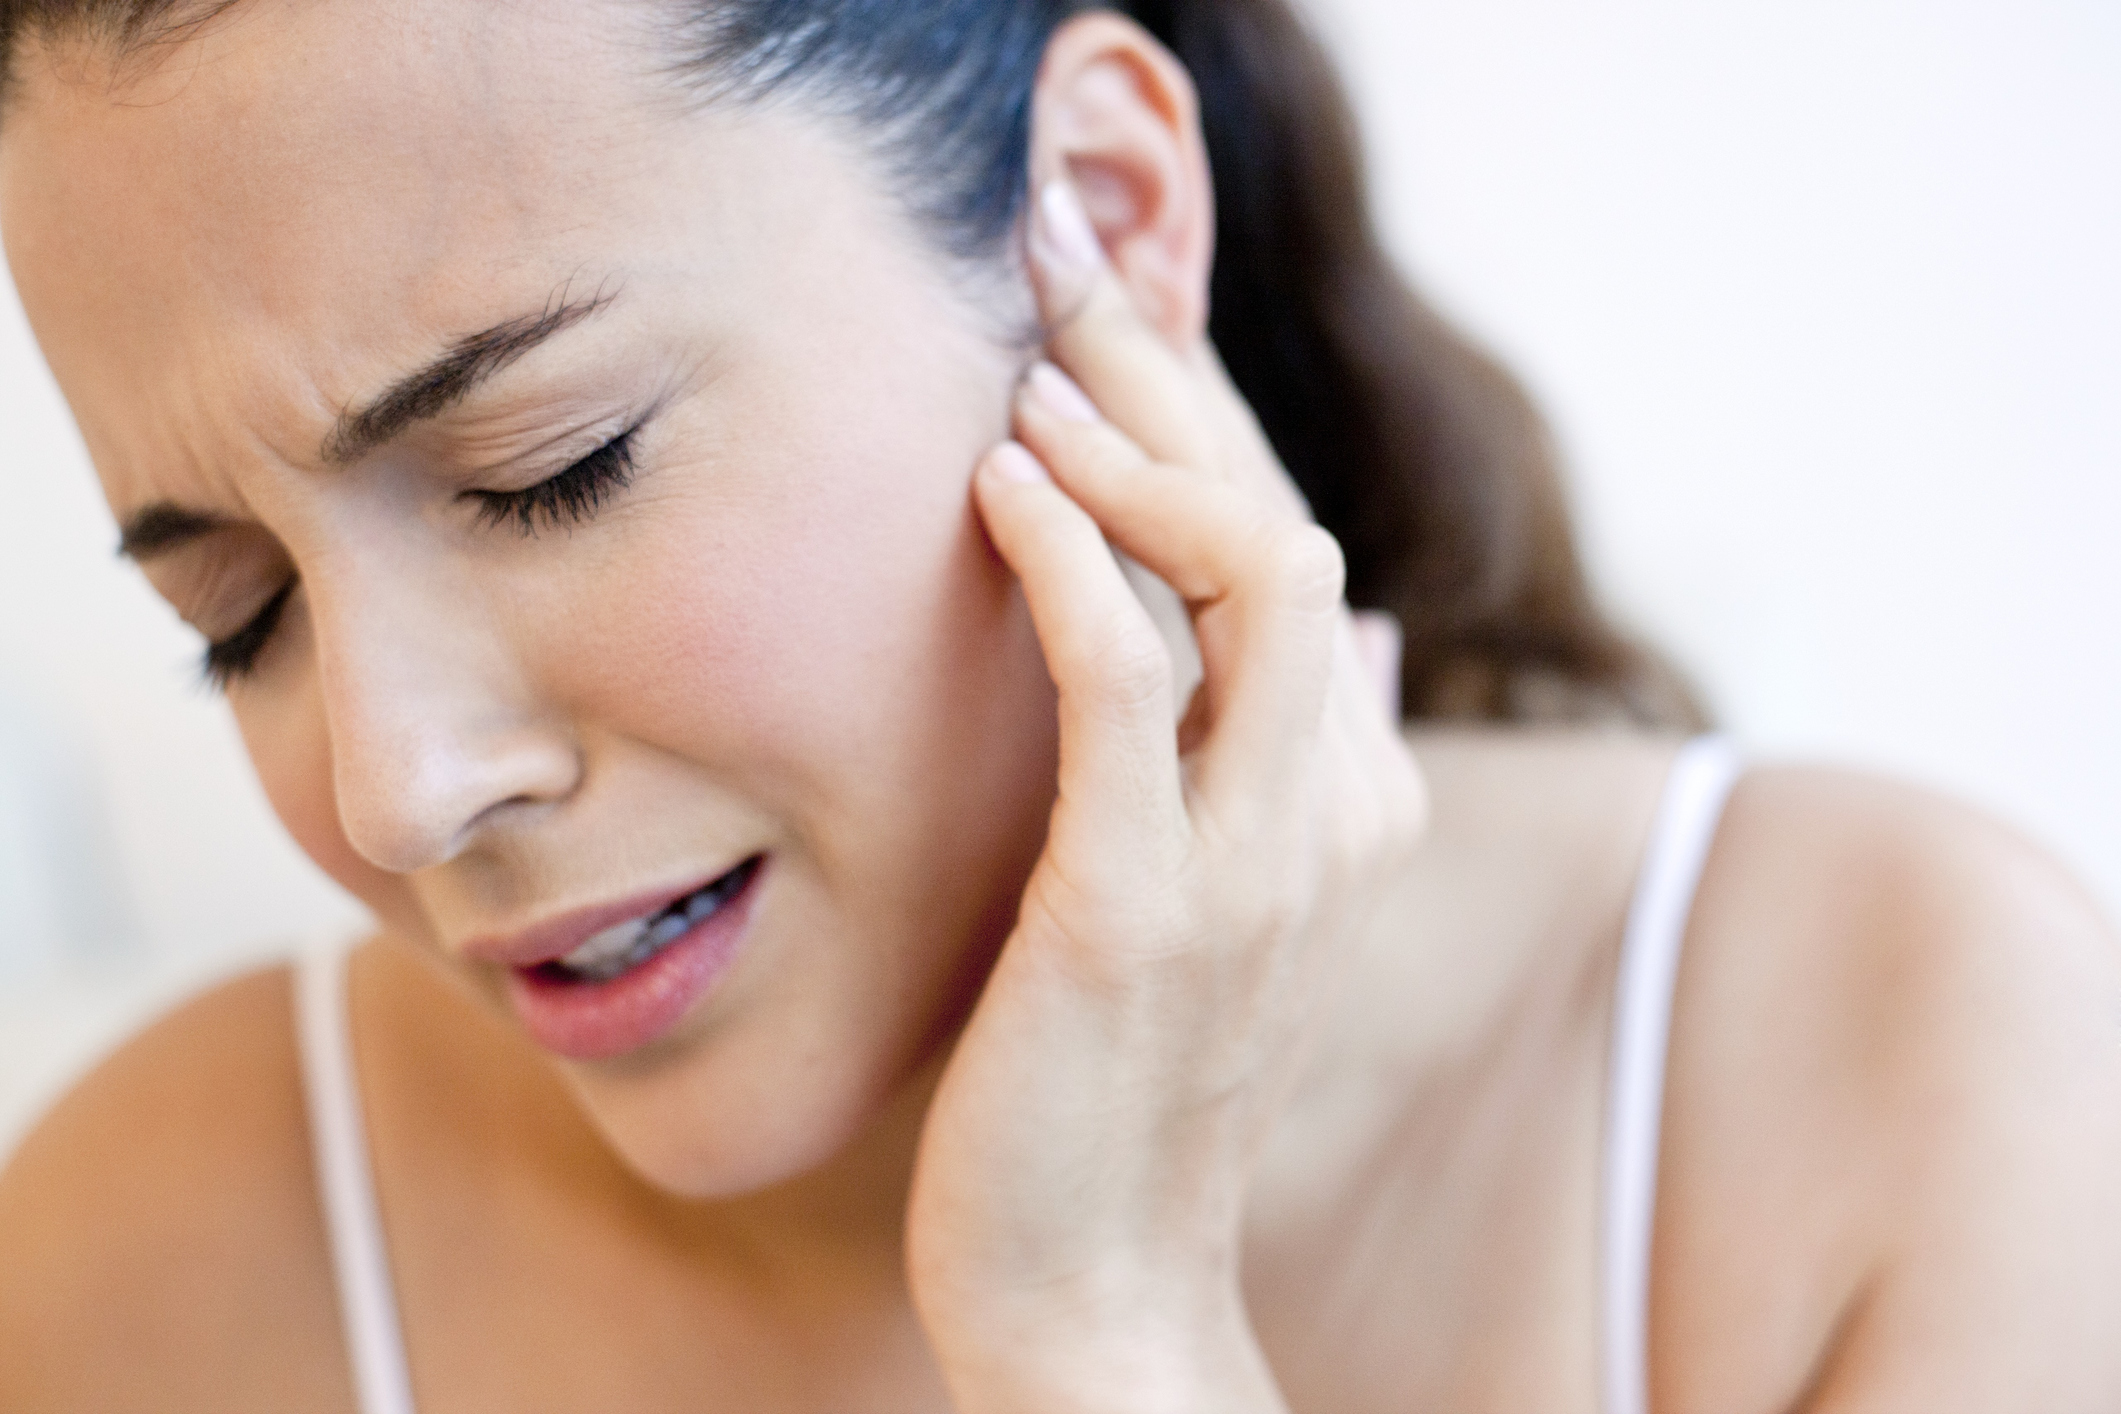 Инструкция по применению борного спирта и кислоты для лечения заболеваний ушей и можно ли капать